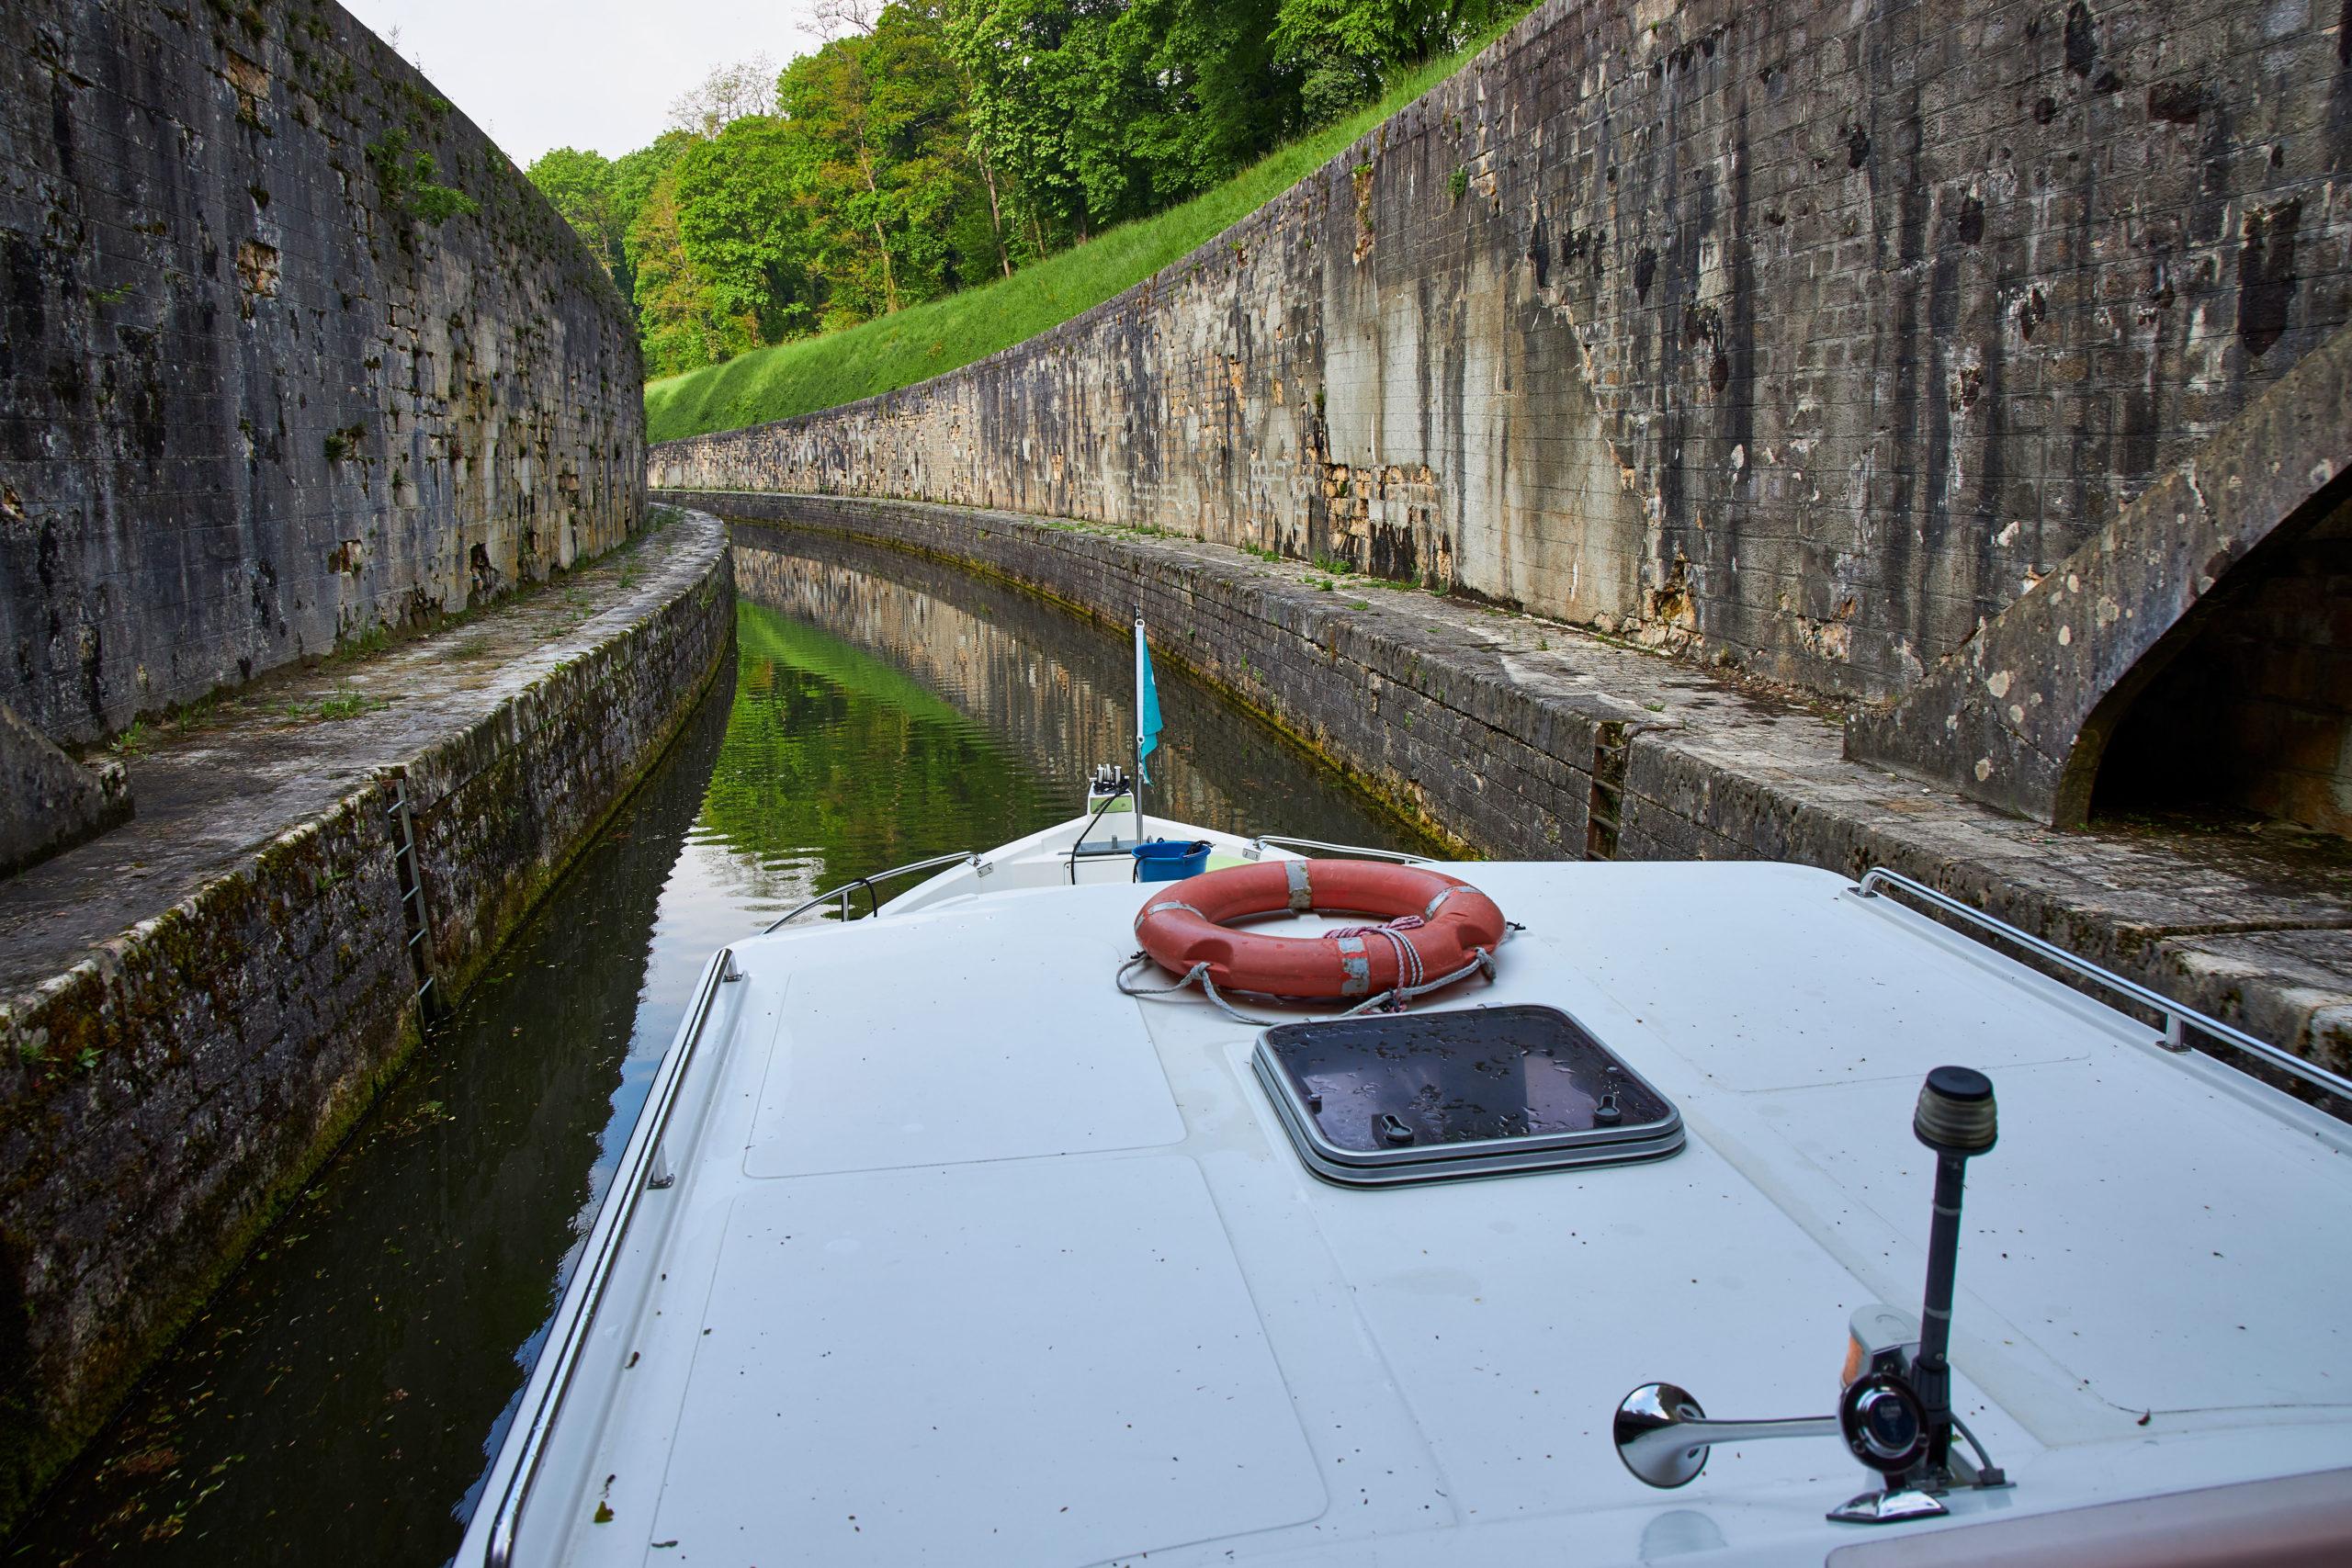 Vacances en péniche sur le Canal du Midi, en Alsace ou en Bourgogne ?